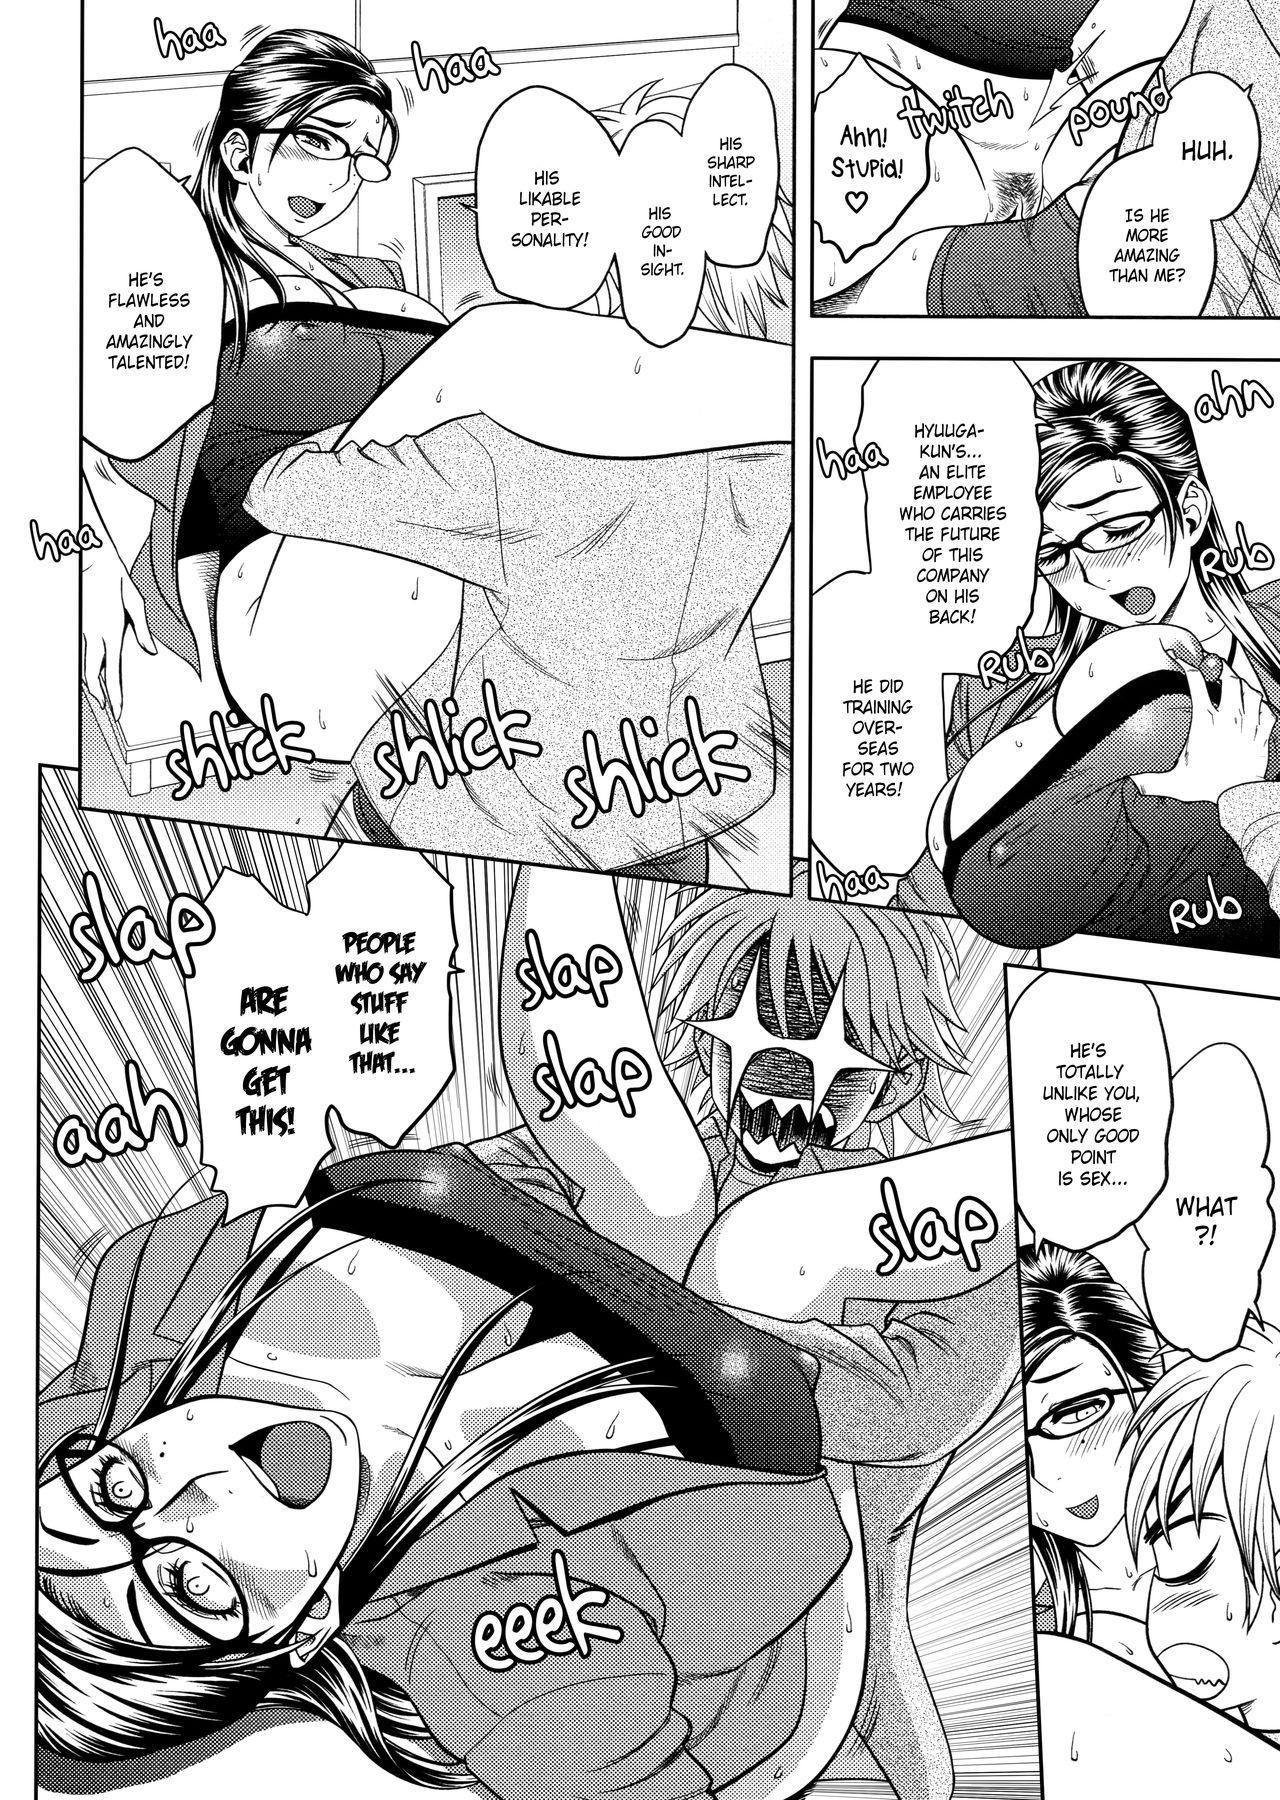 [Tatsunami Youtoku, Yamazaki Masato] Bijin Henshuu-chou no Himitsu | Beautiful Editor-in-Chief's Secret Ch. 1-4 [English] [Forbiddenfetish77, Red Vodka] [Decensored] 67